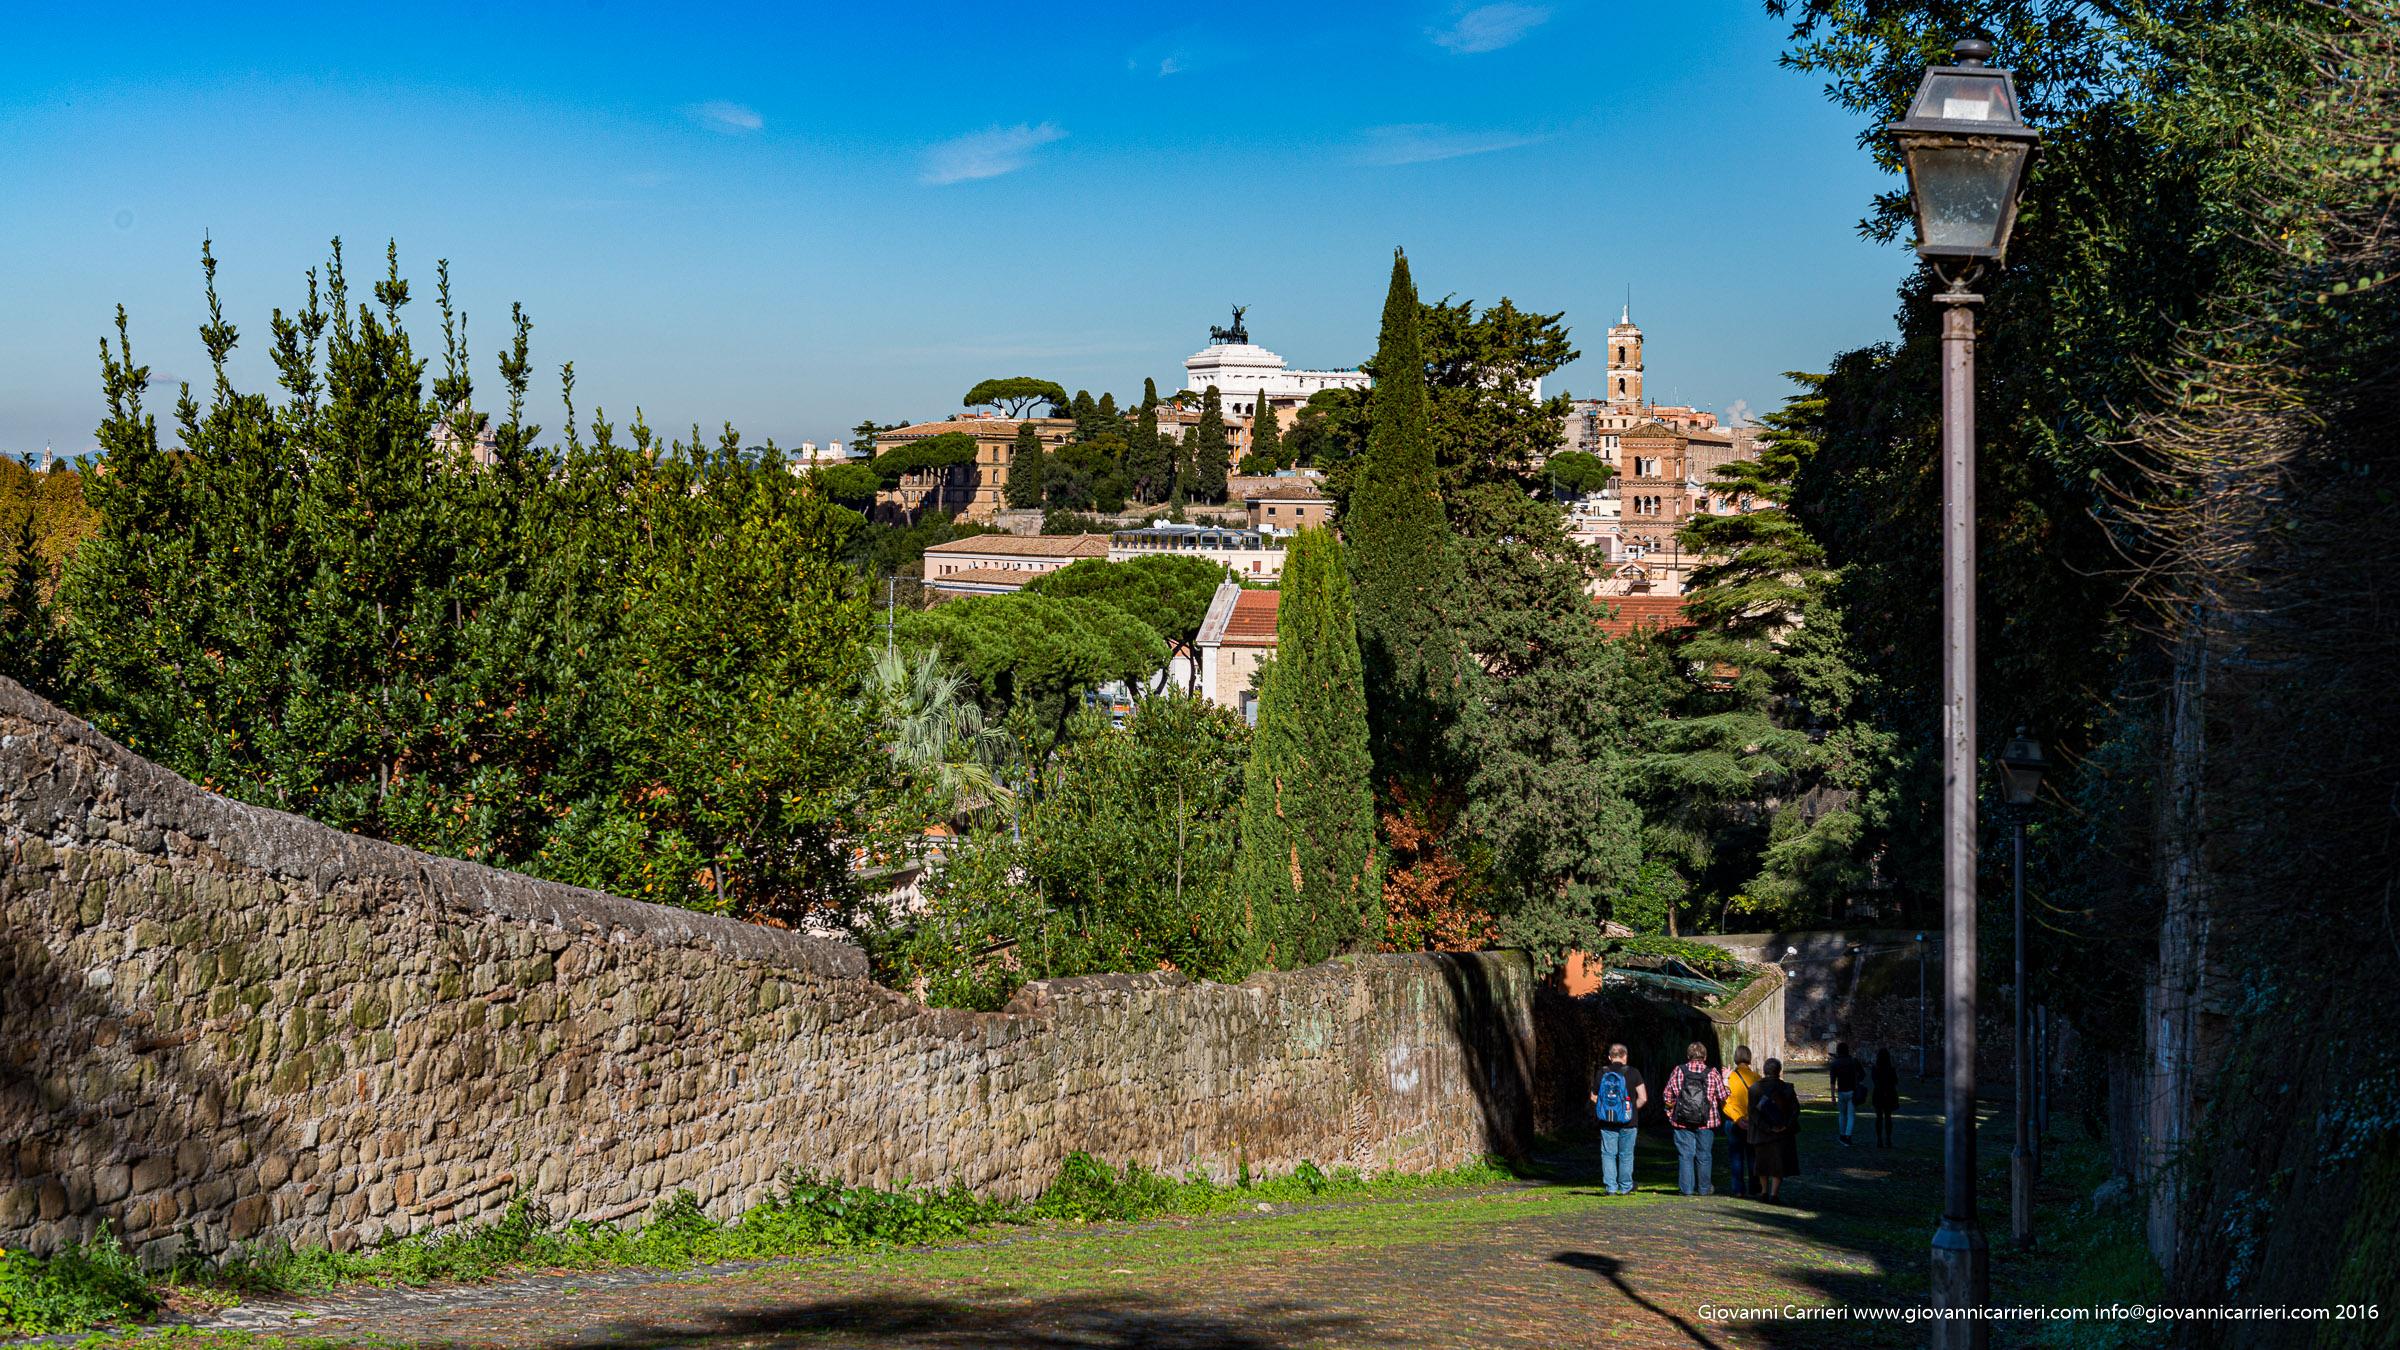 Clivio Rocca Savella Aventino - Rome